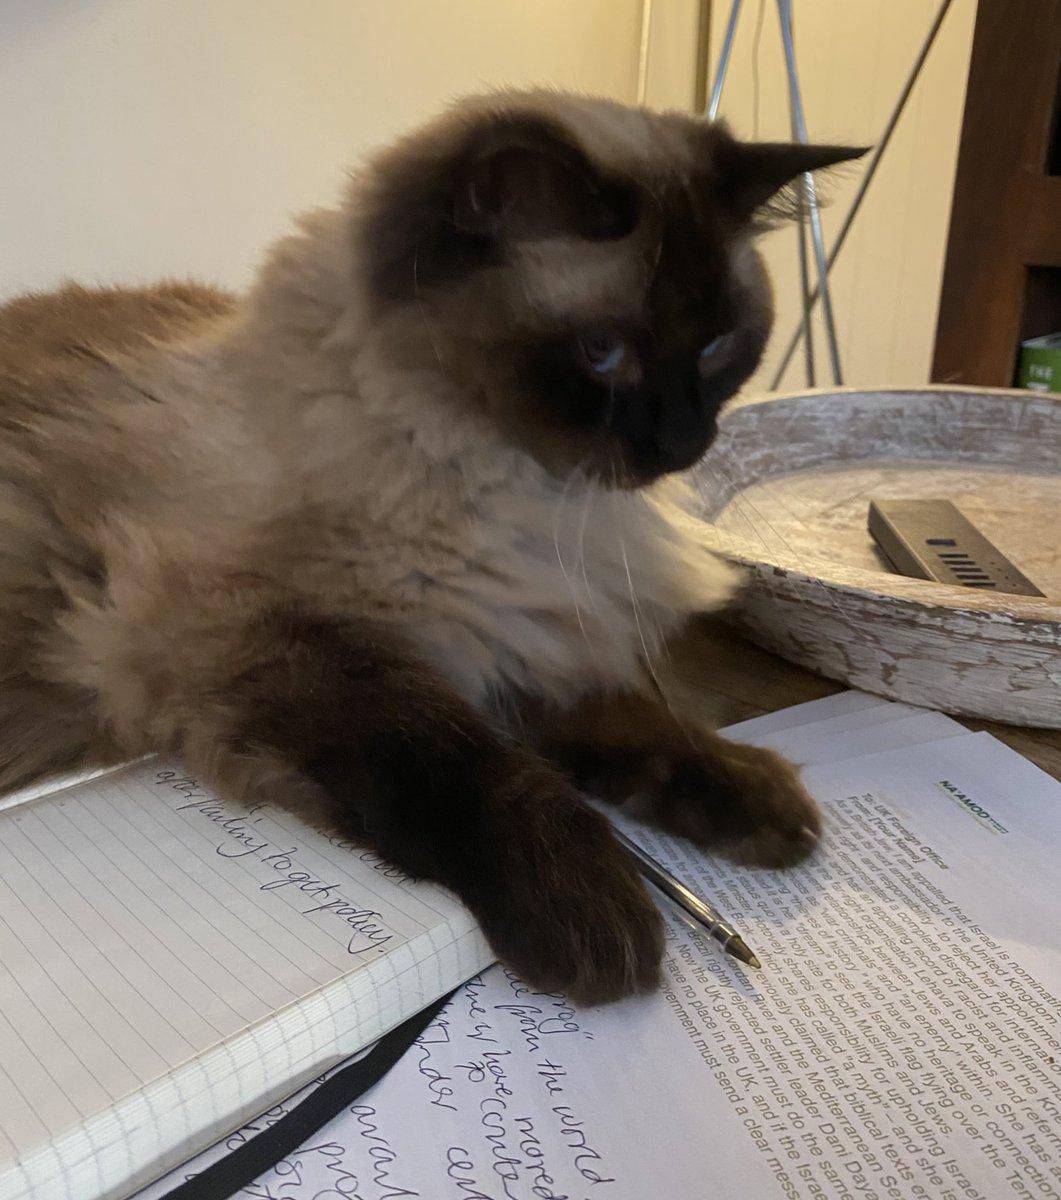 @Number10cat I shall tek notes